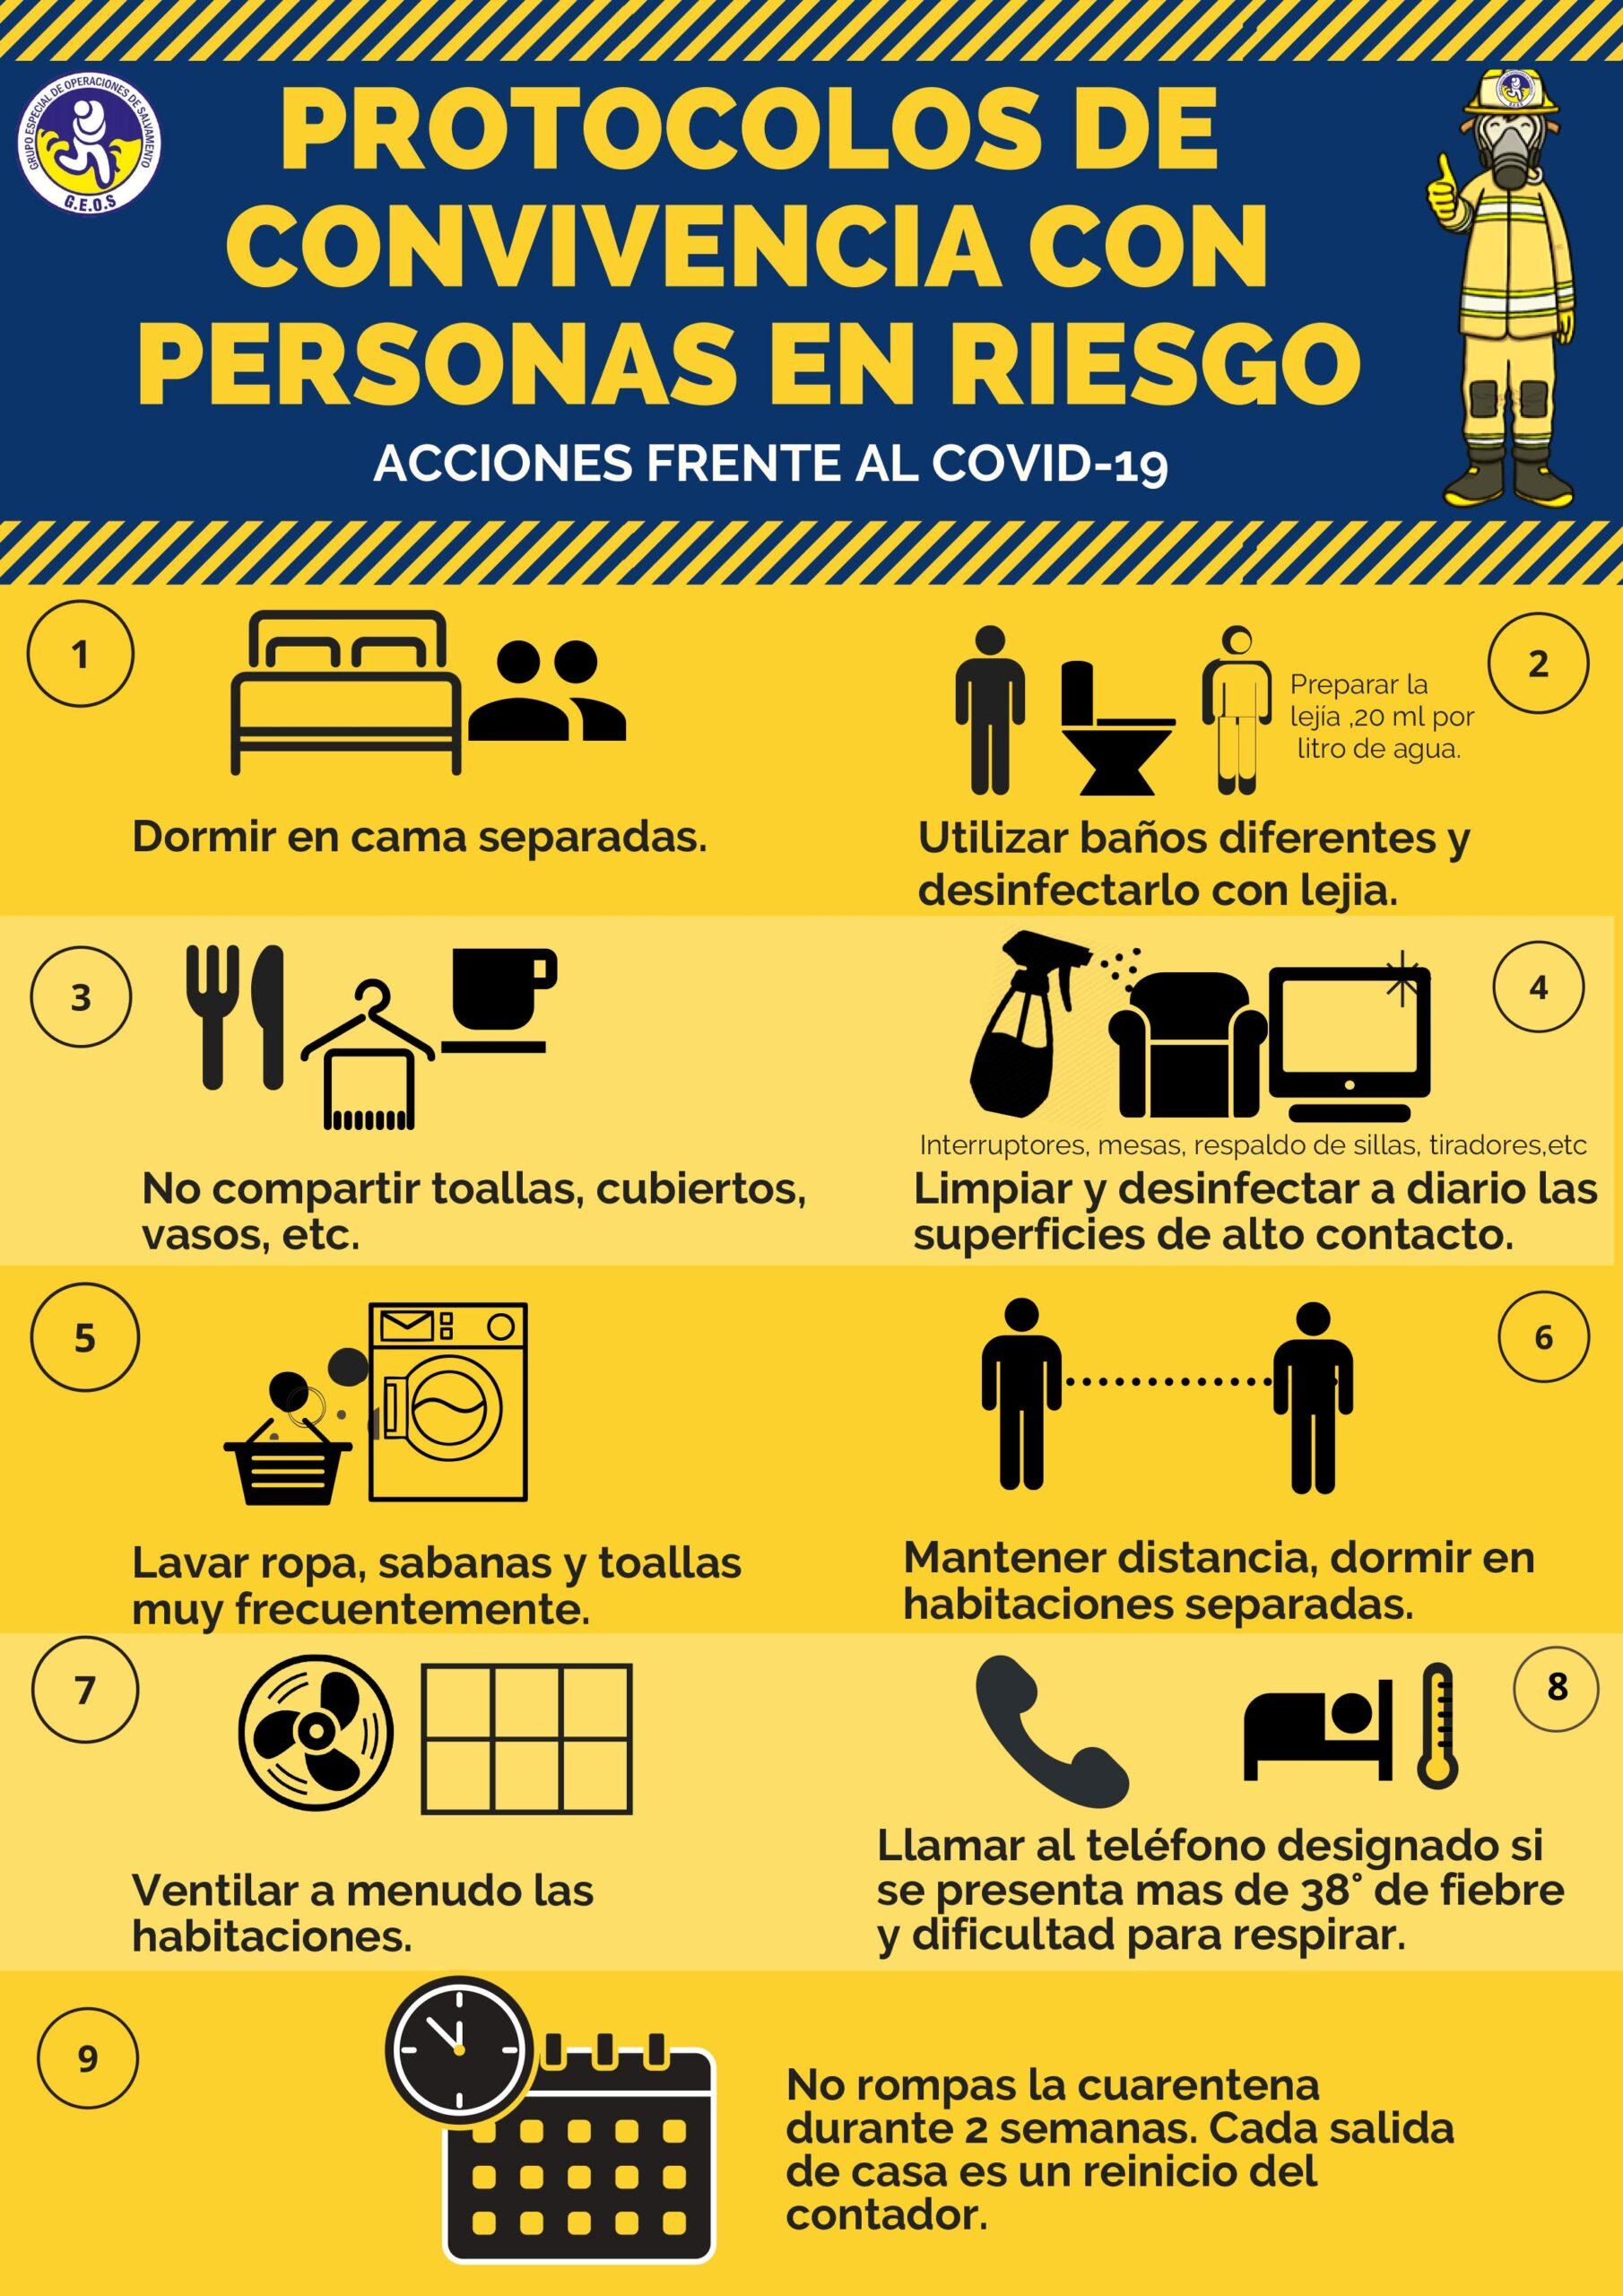 Protocolos de Convivencia con Personas en Riesgo